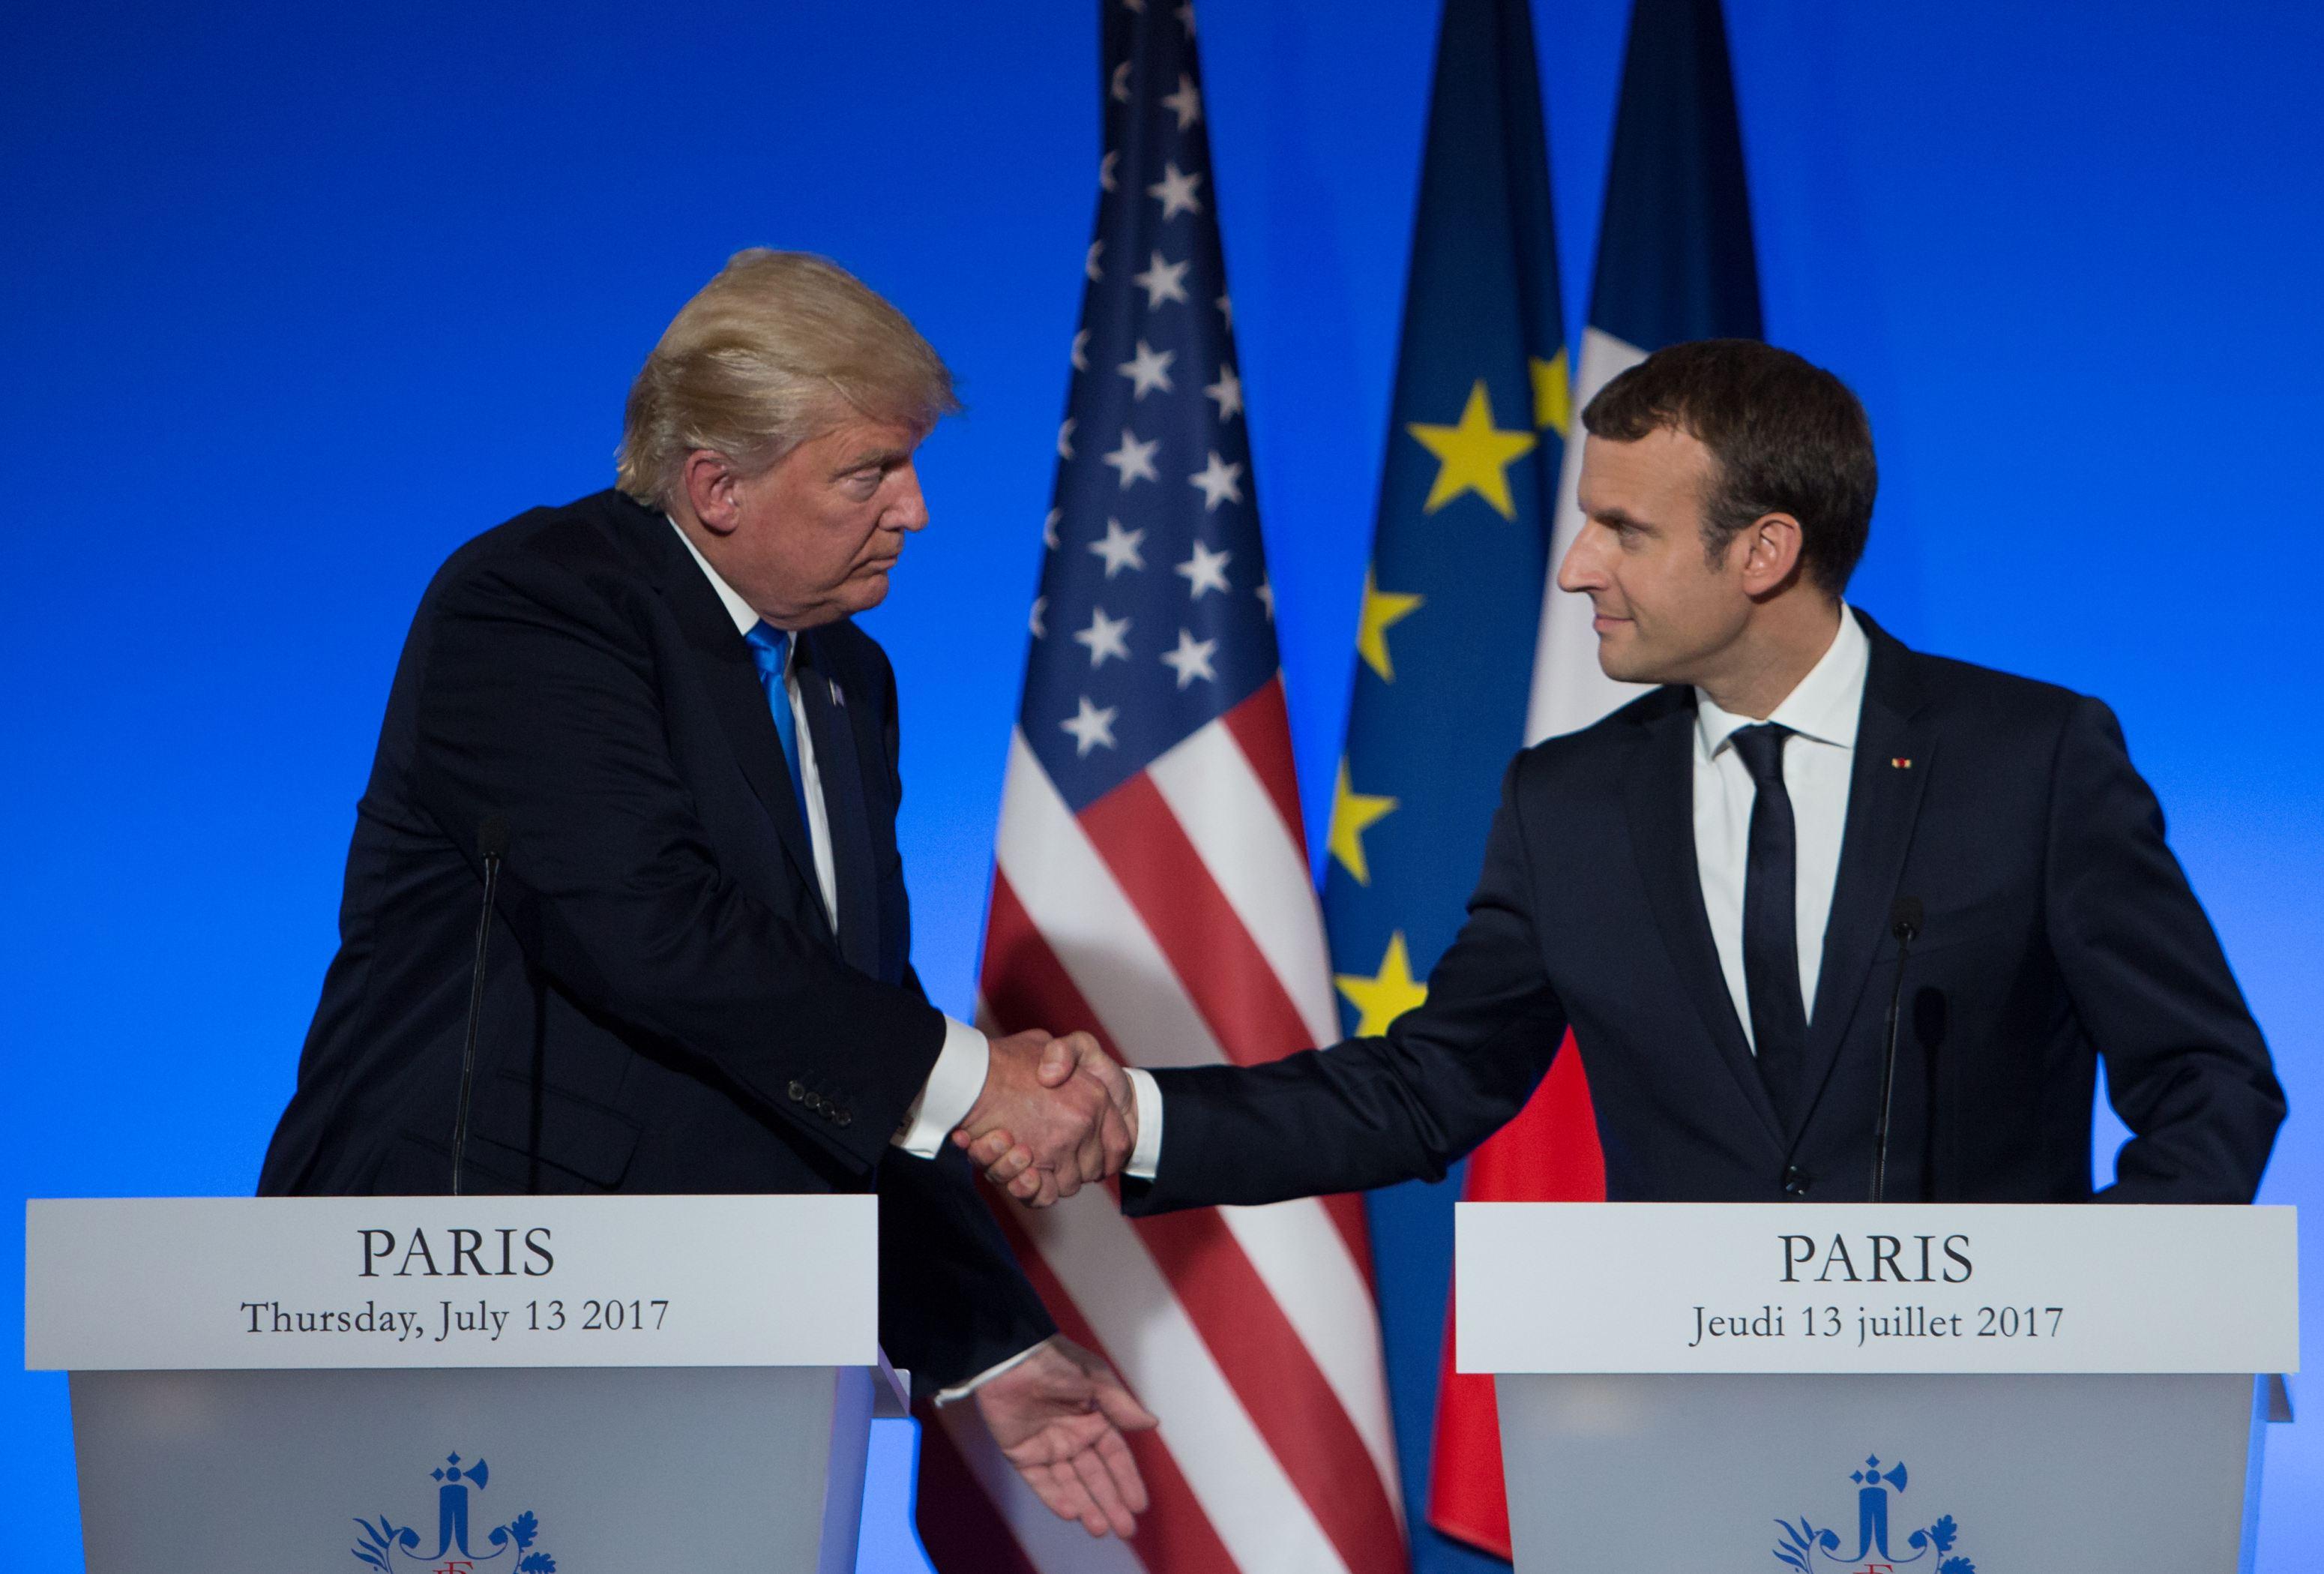 Donald Trump şi Emmanuel Macron au discutat despre modalităţile de soluţionare a crizei nord-coreene